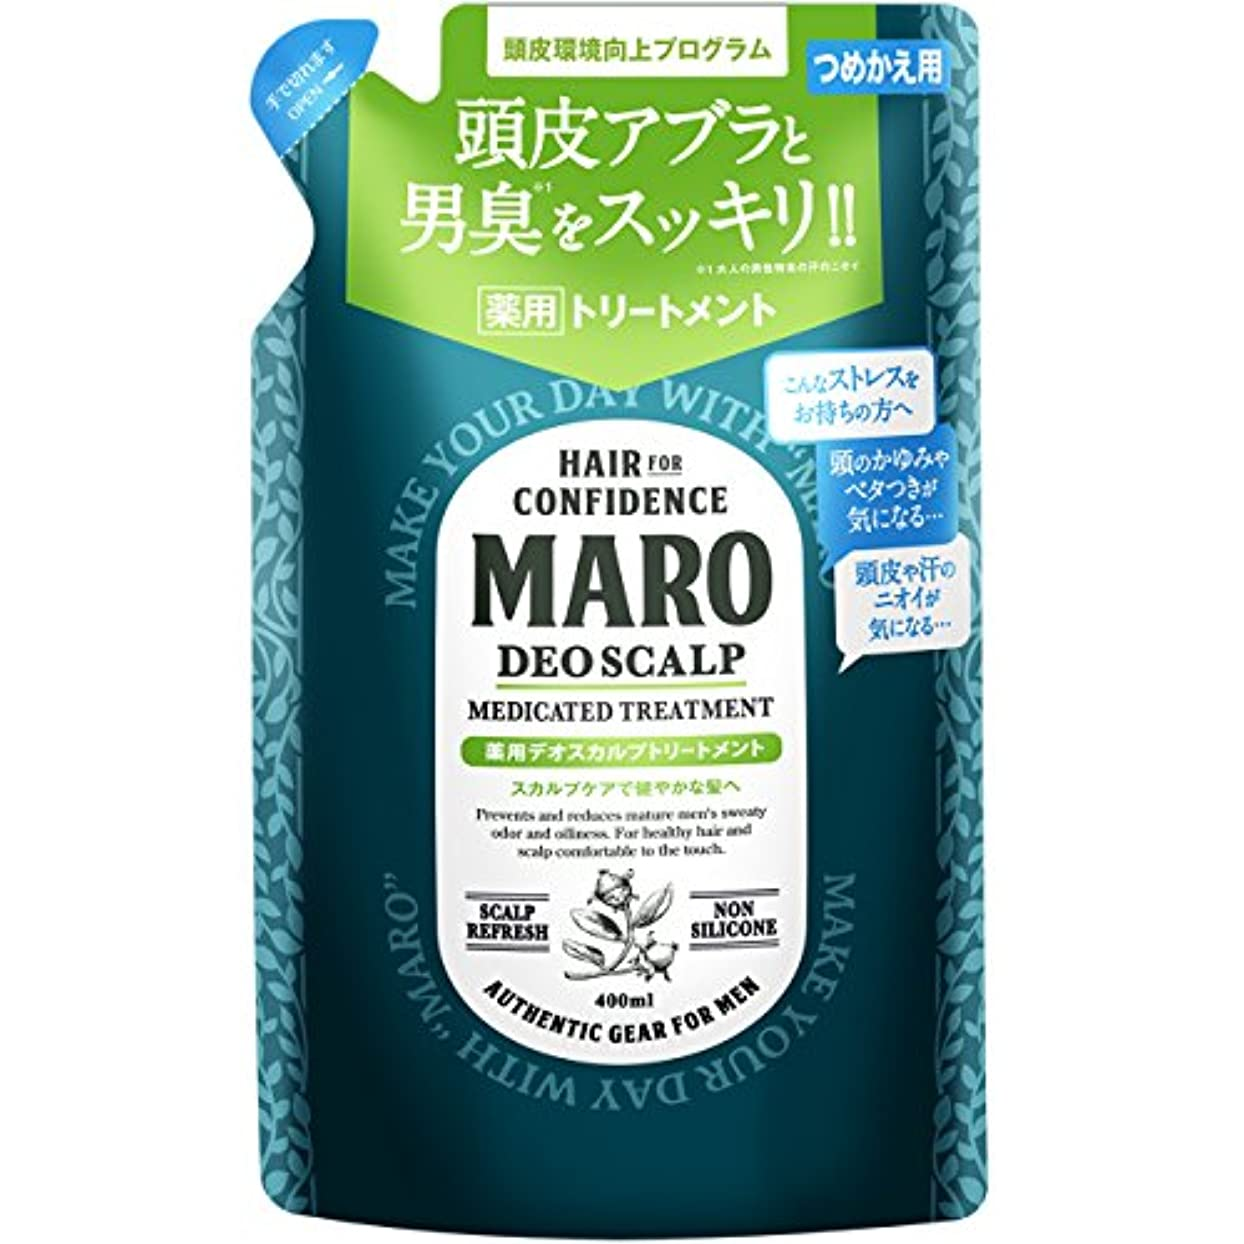 品のスコアひそかにMARO 薬用 デオスカルプ トリートメント 詰め替え 400ml 【医薬部外品】